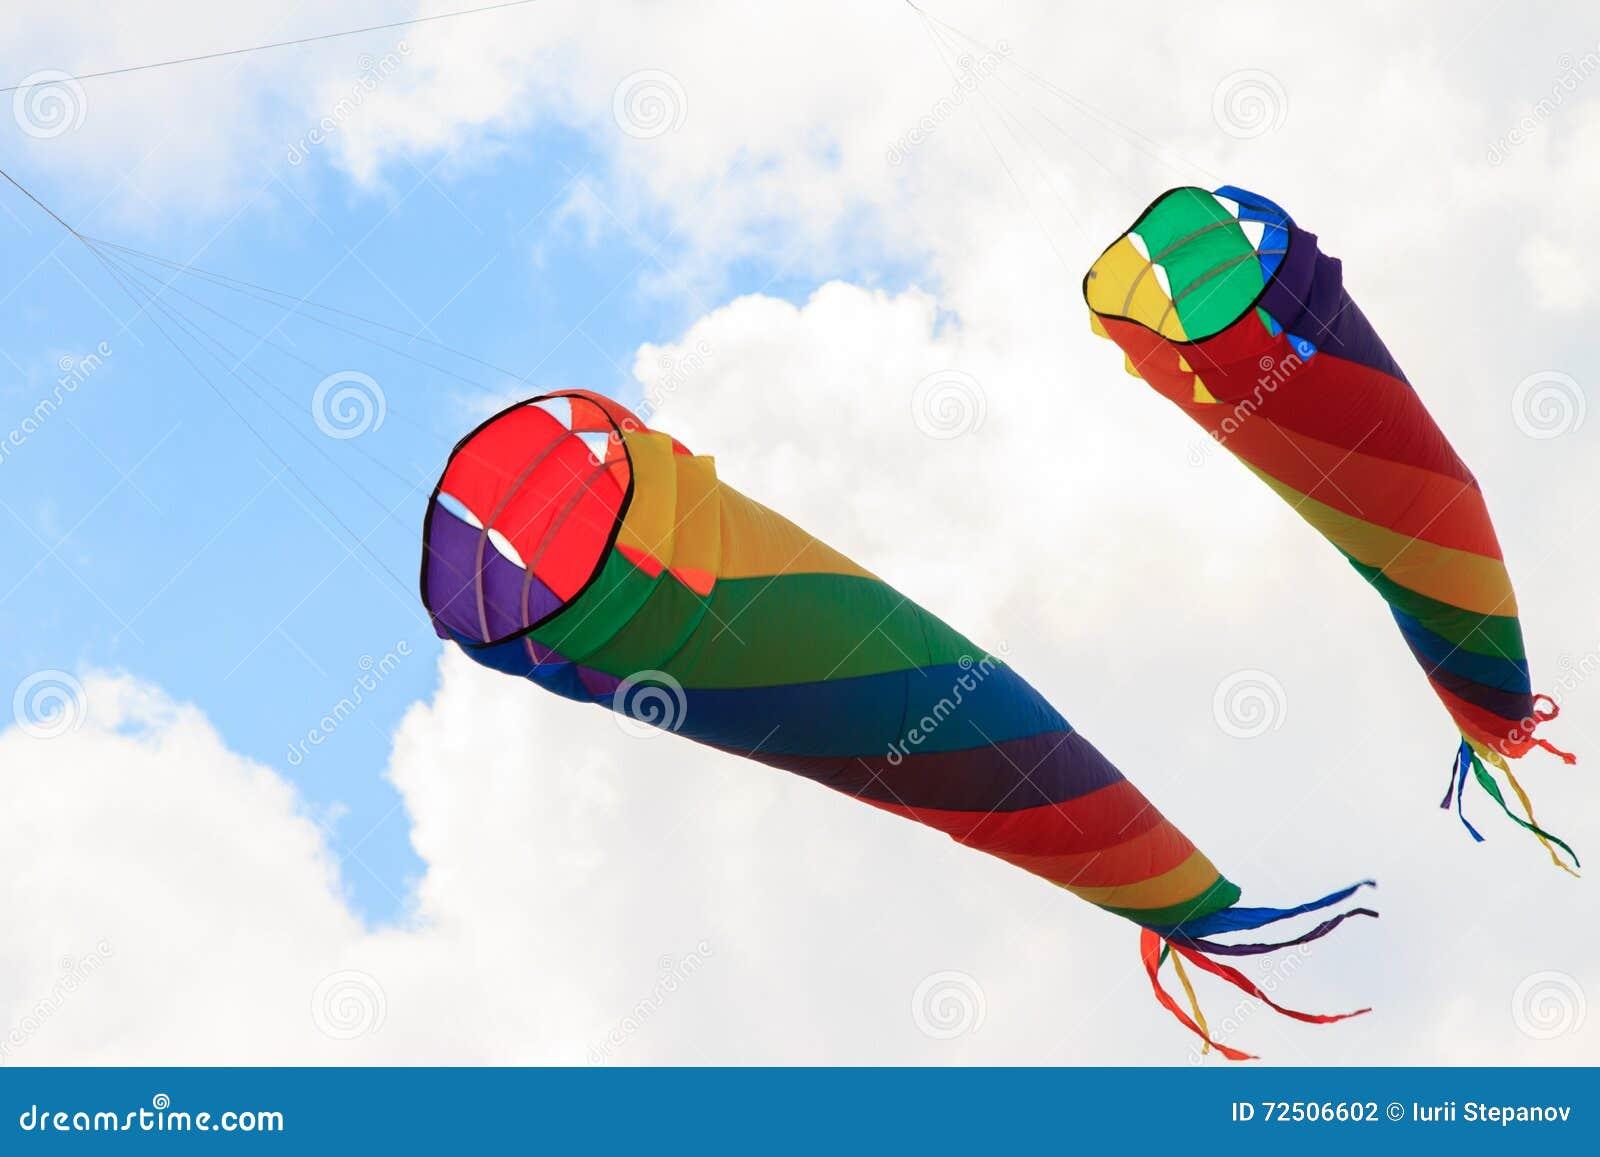 伯克利节日风筝风筝天空